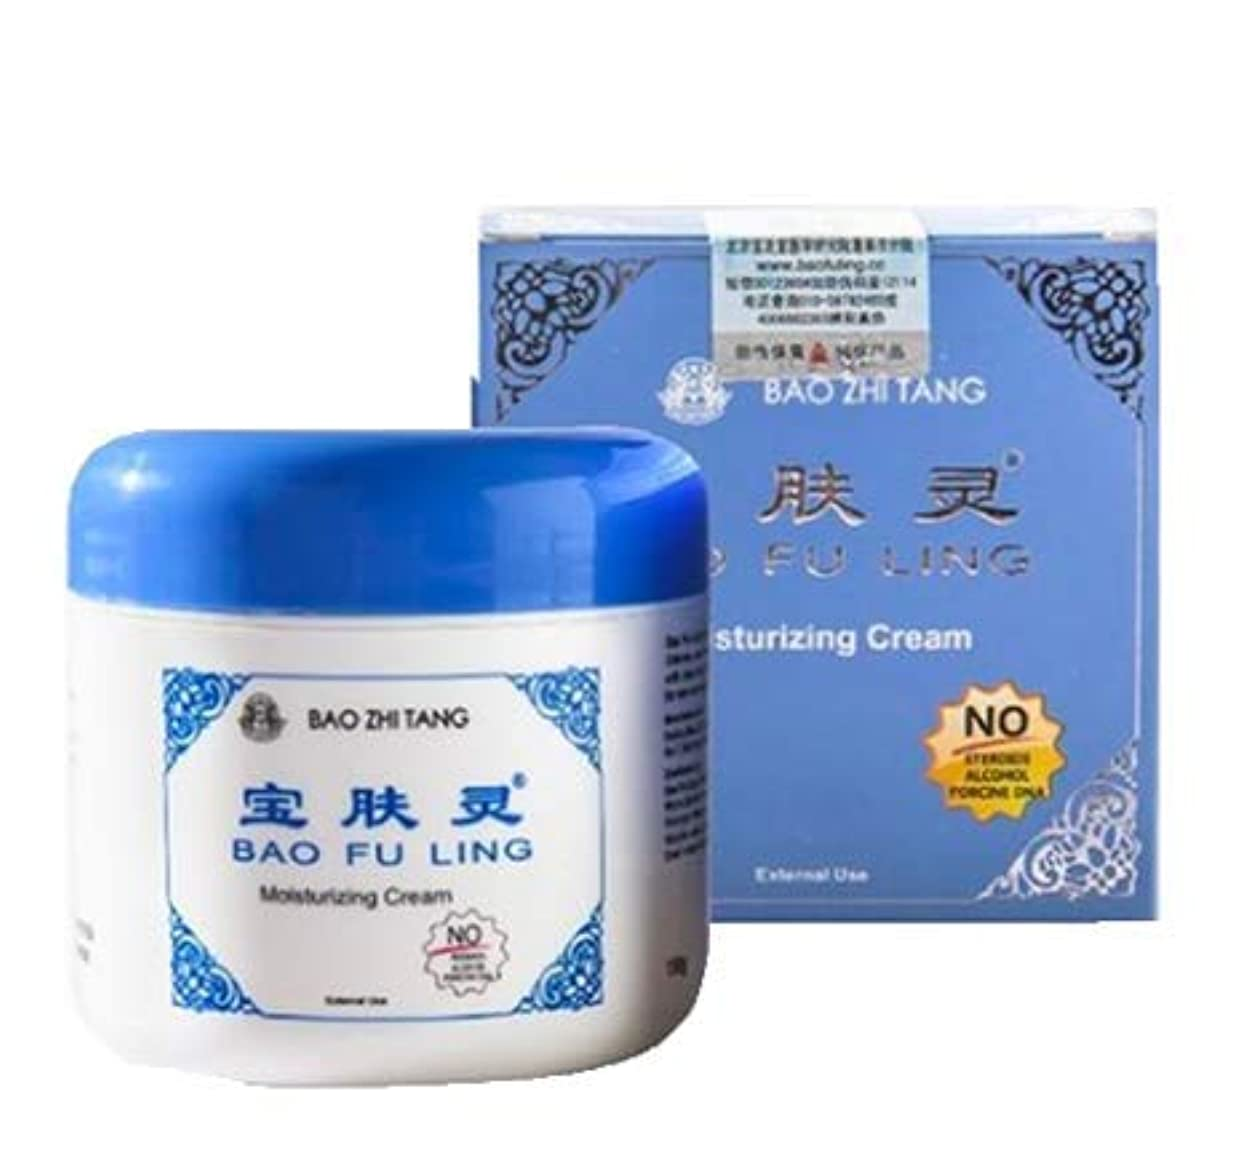 教育学流用する粘着性【Bao Fu Ling(宝肤灵)】保湿クリーム Moisturizing Cream (150g) [並行輸入品]